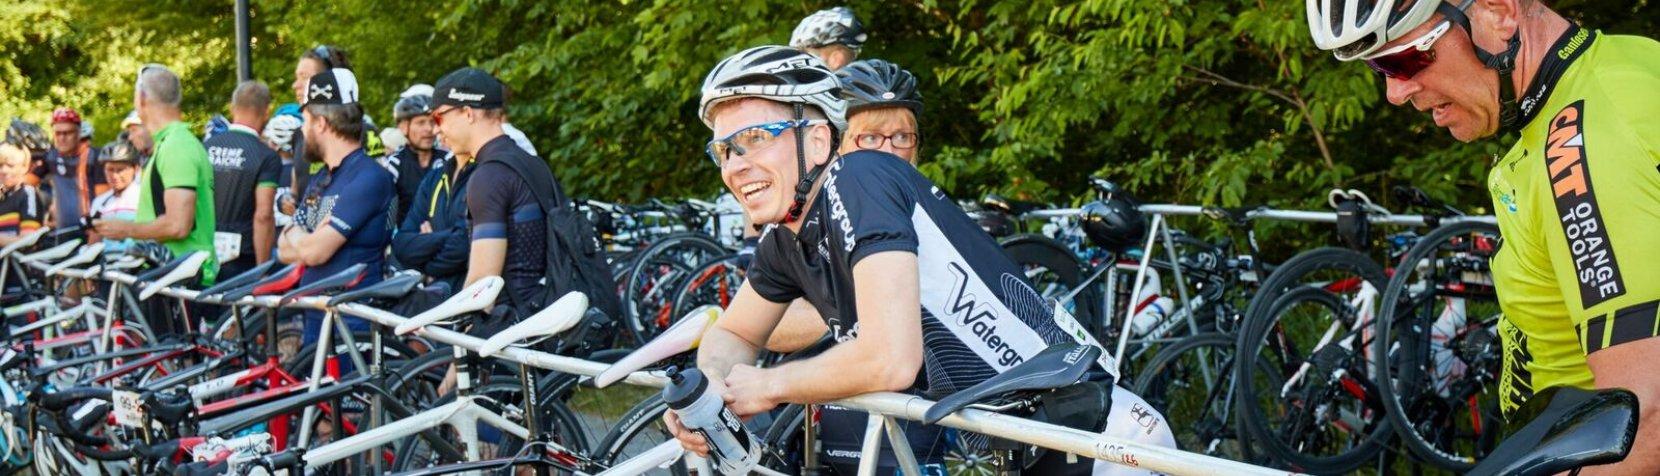 Cykelstafetten i Rudersdal 2016